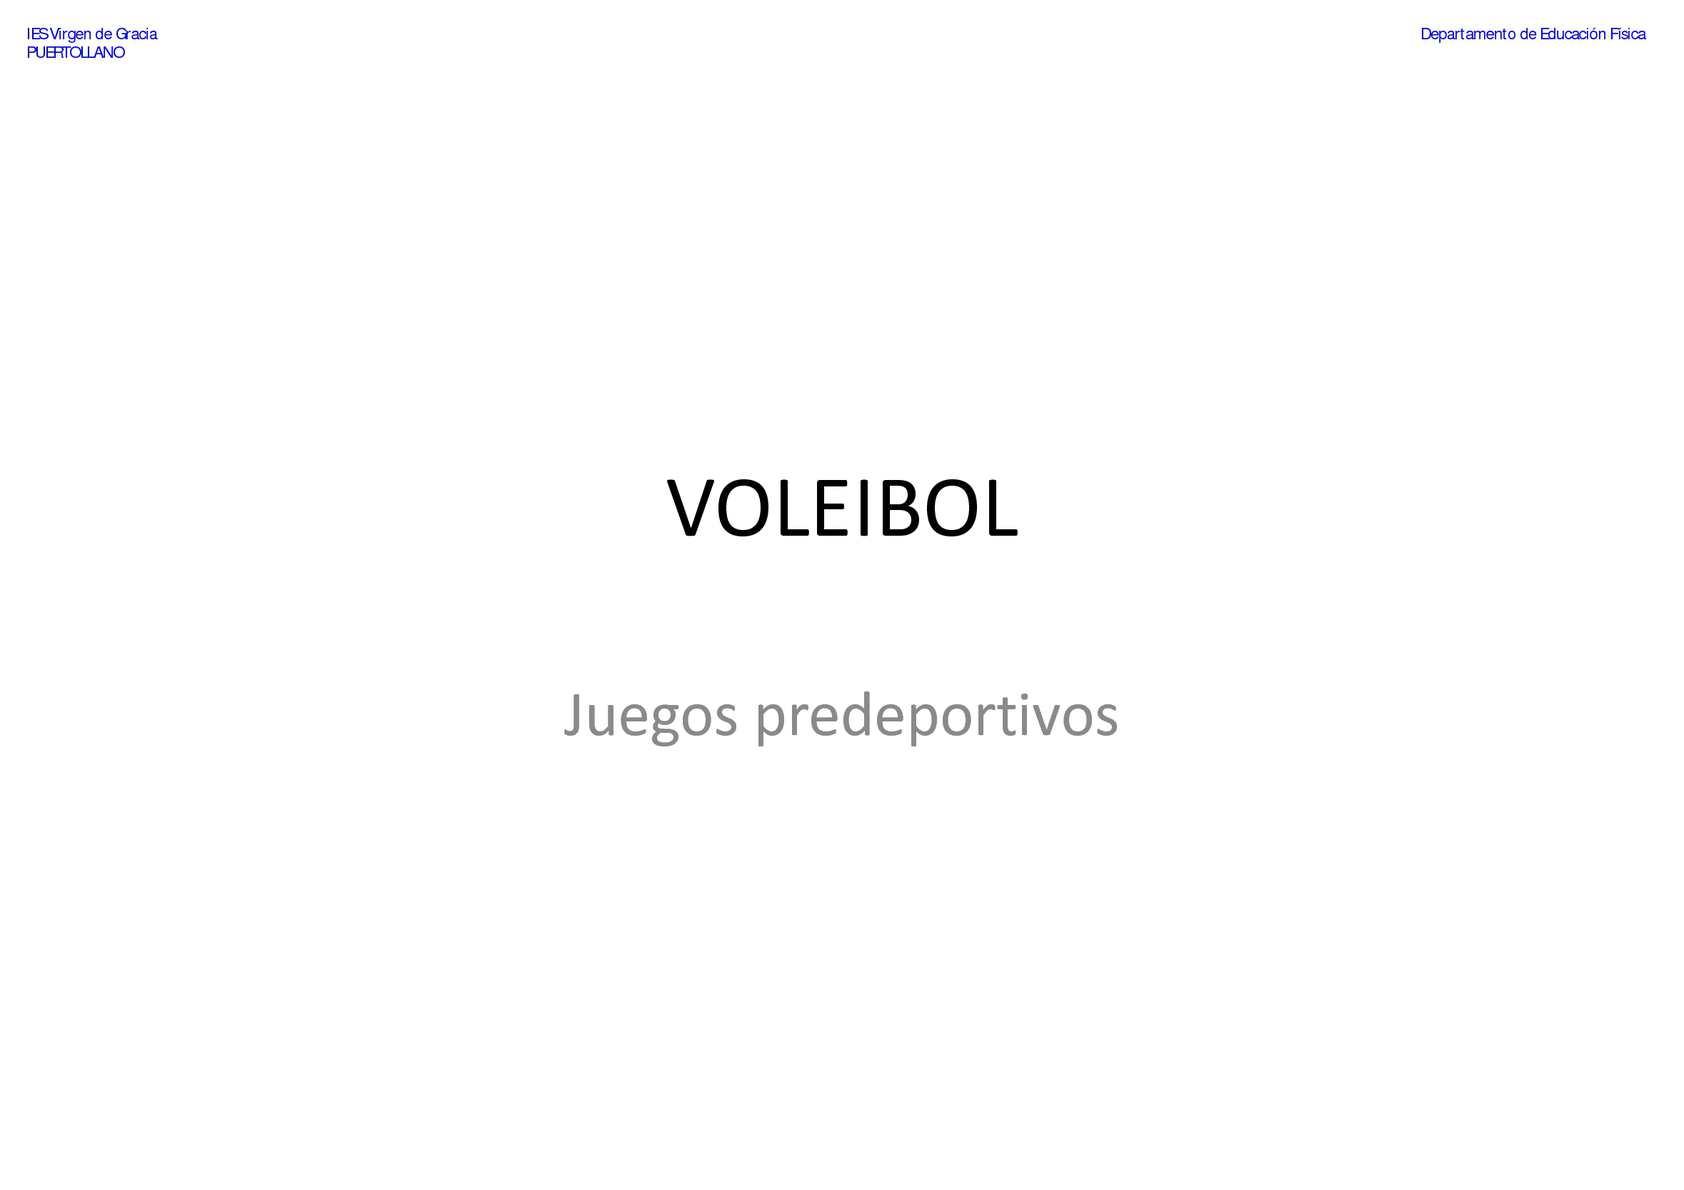 VOLEIBOL - Juegos predeportivos